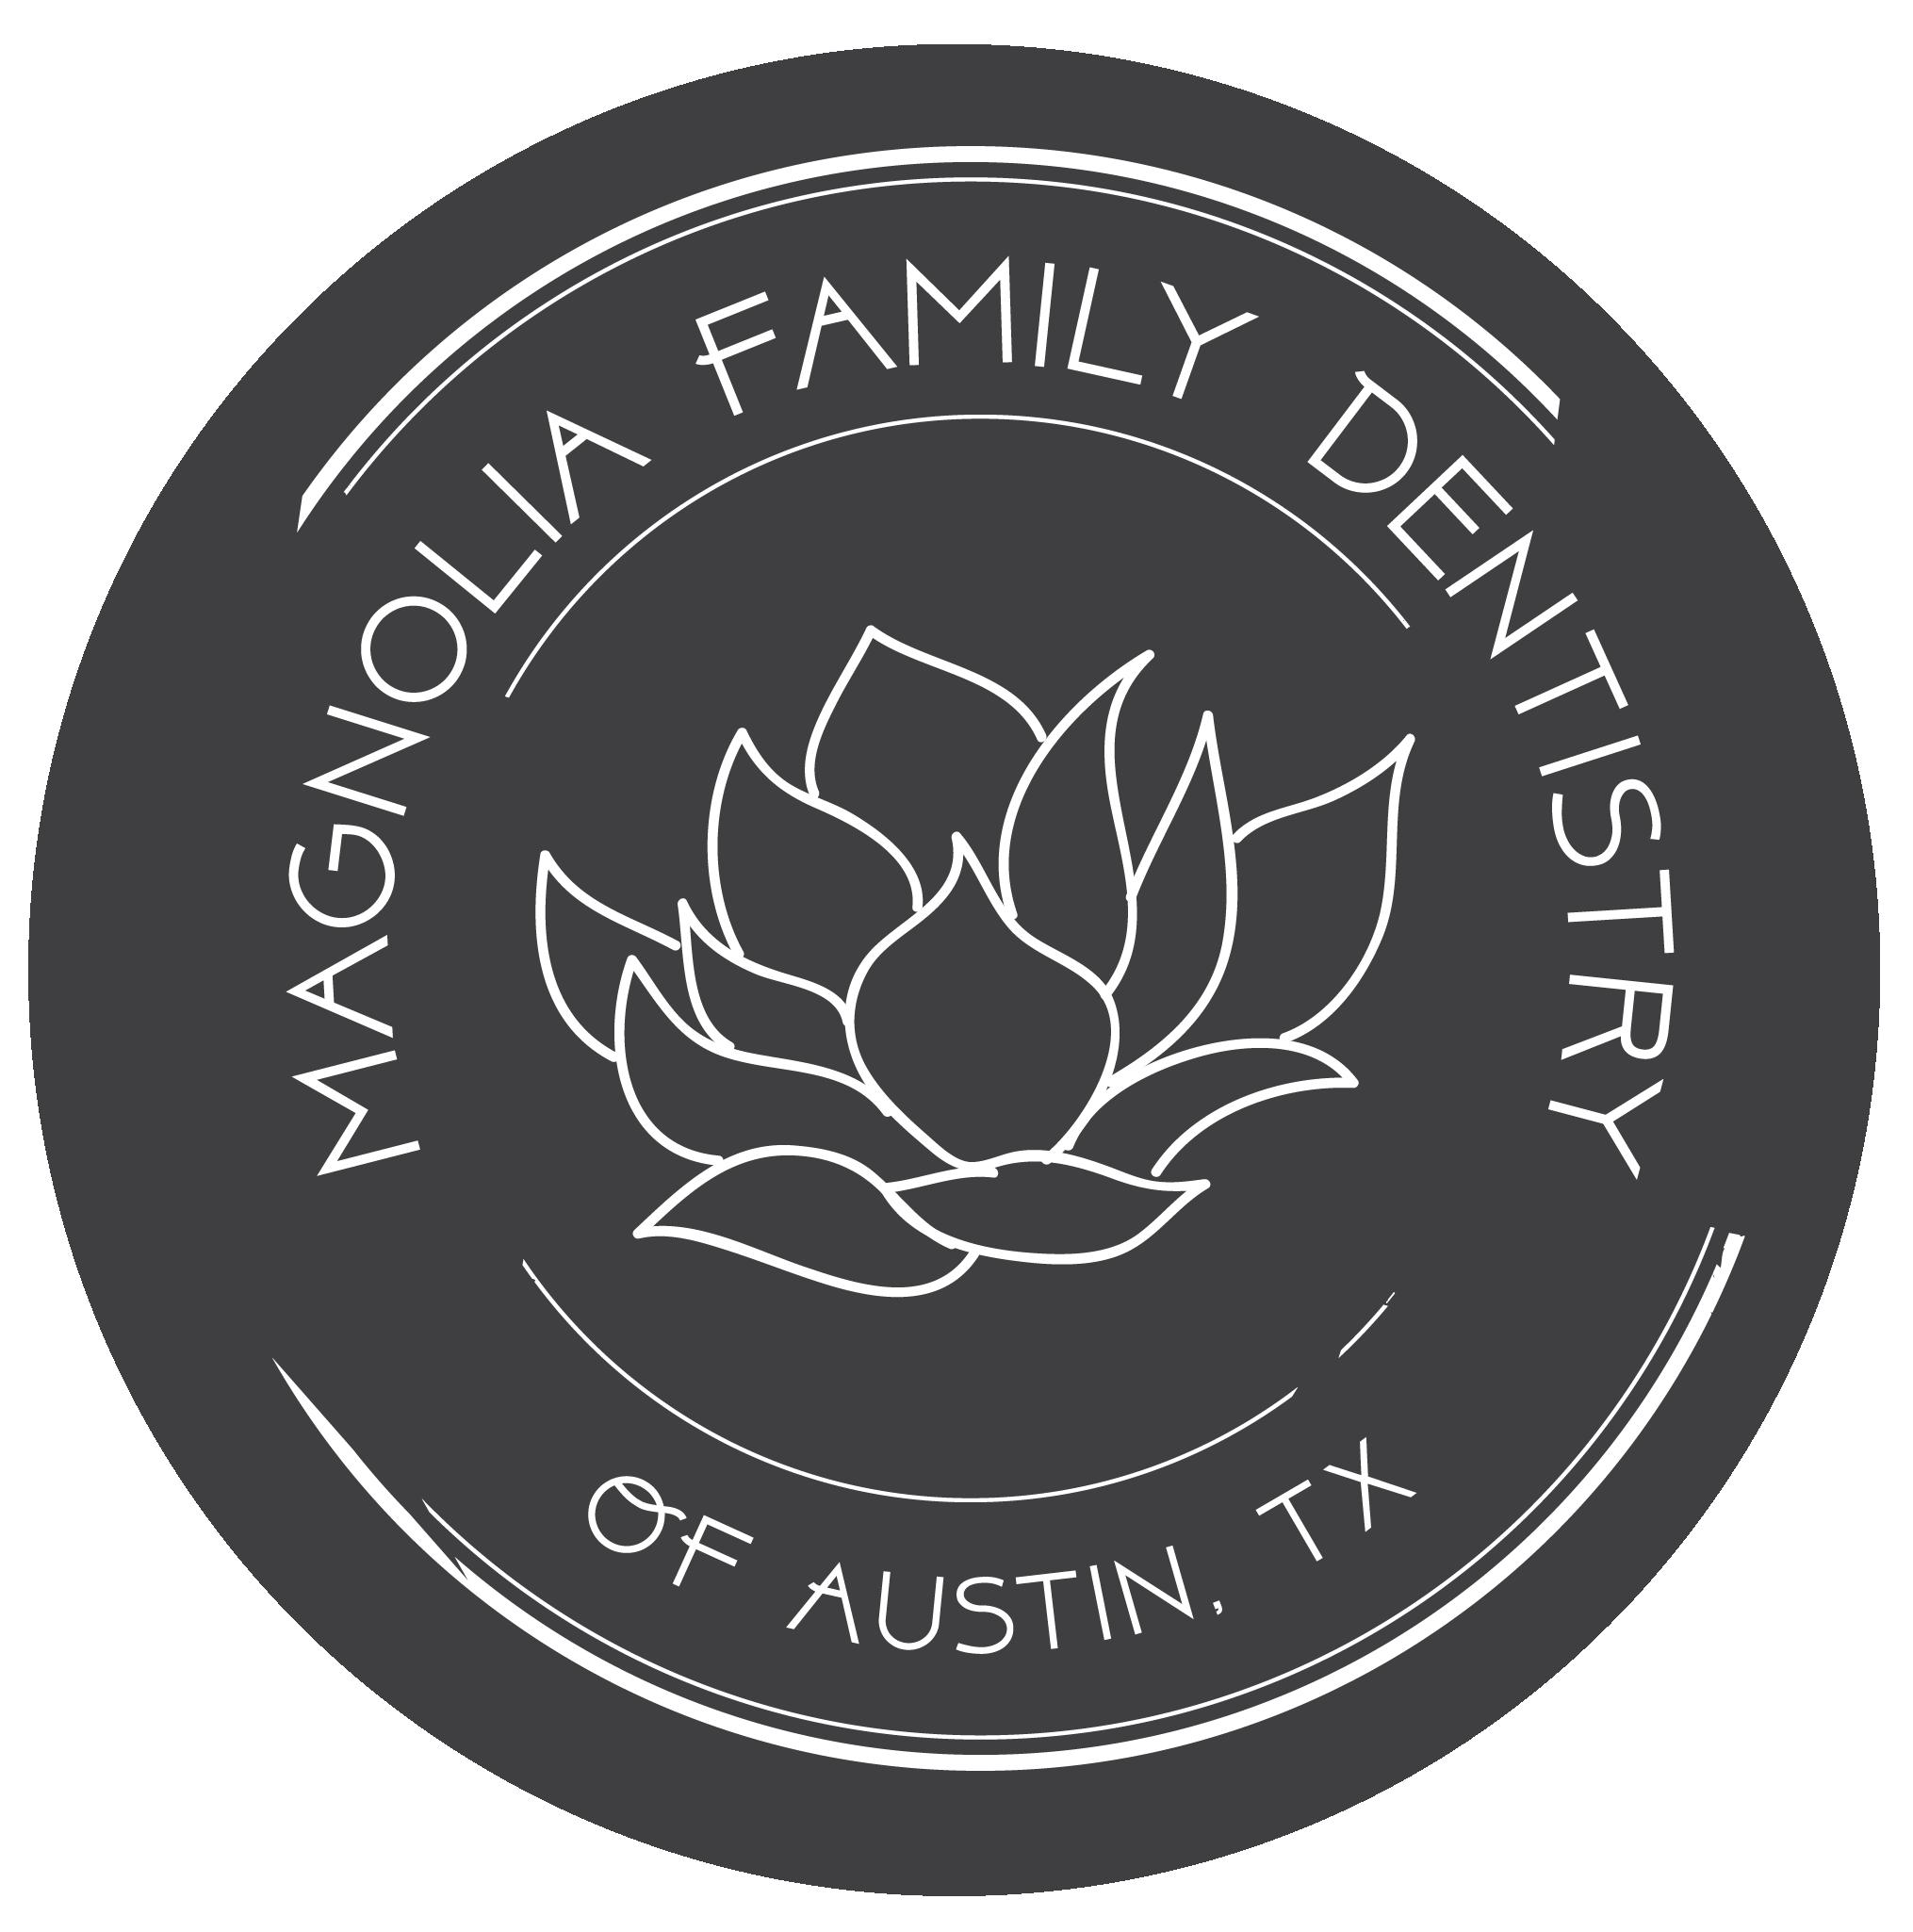 Magnolia Family Dentistry logo